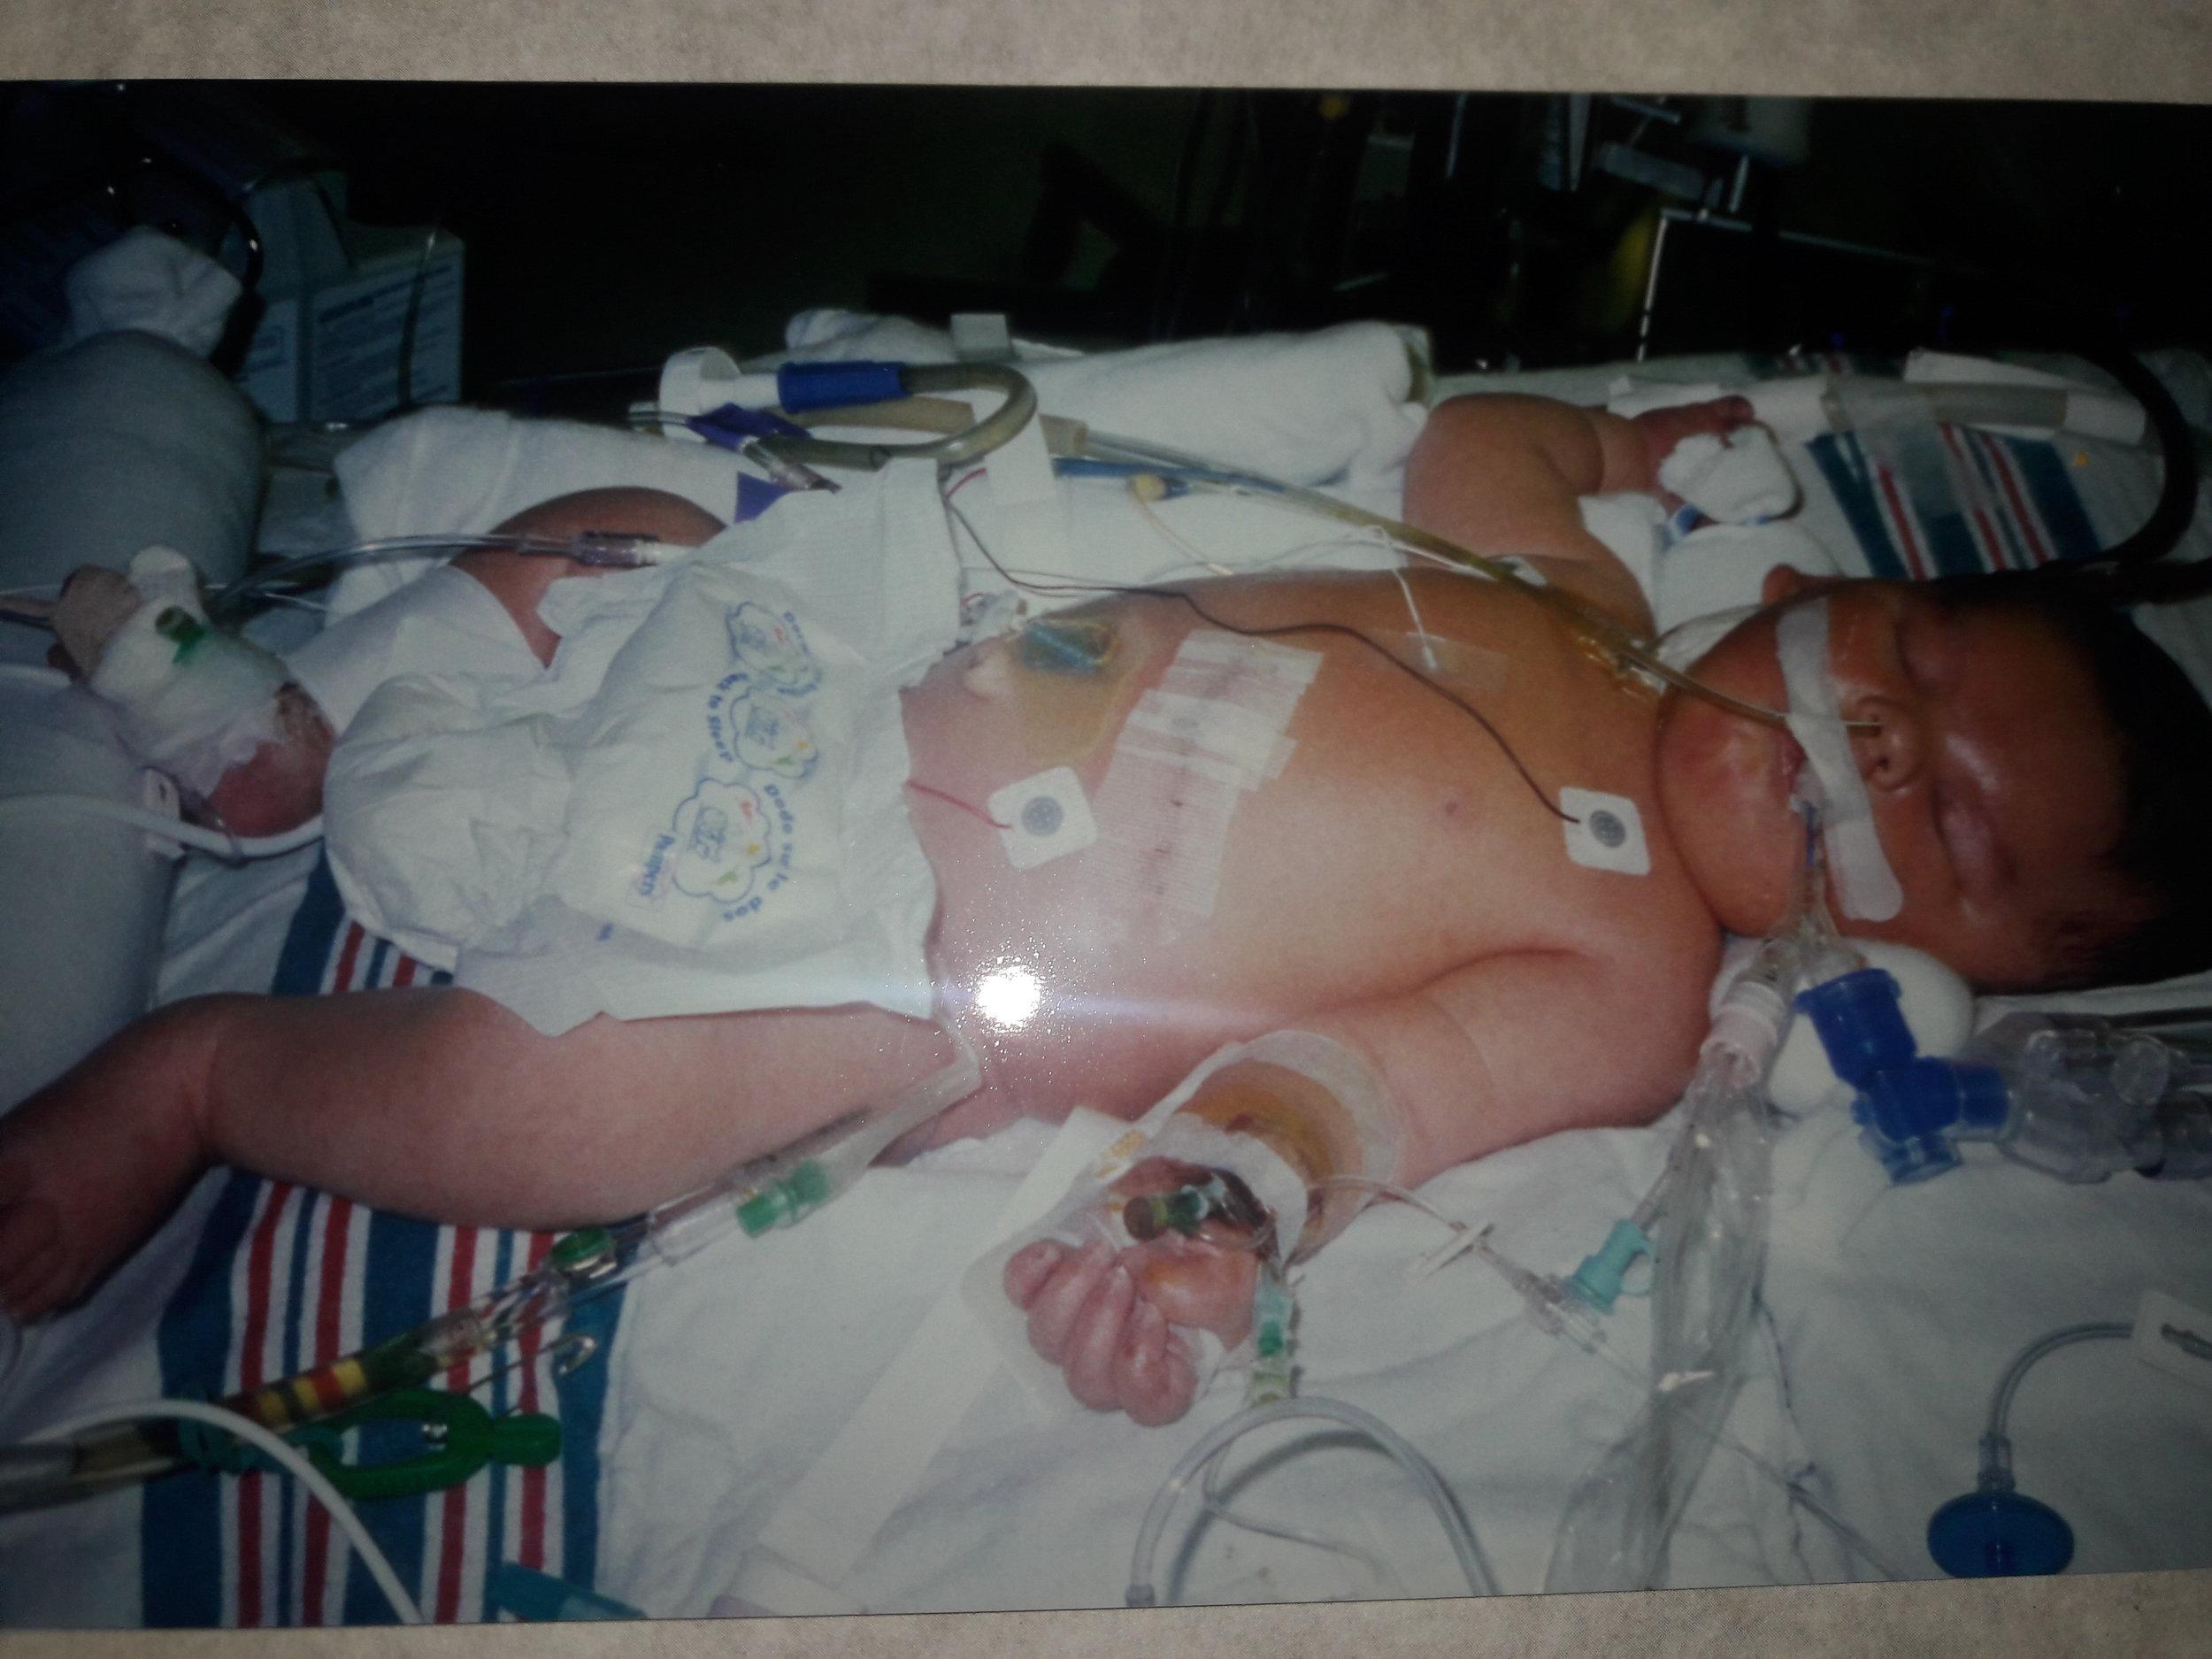 Jack 17 years ago, as a newborn